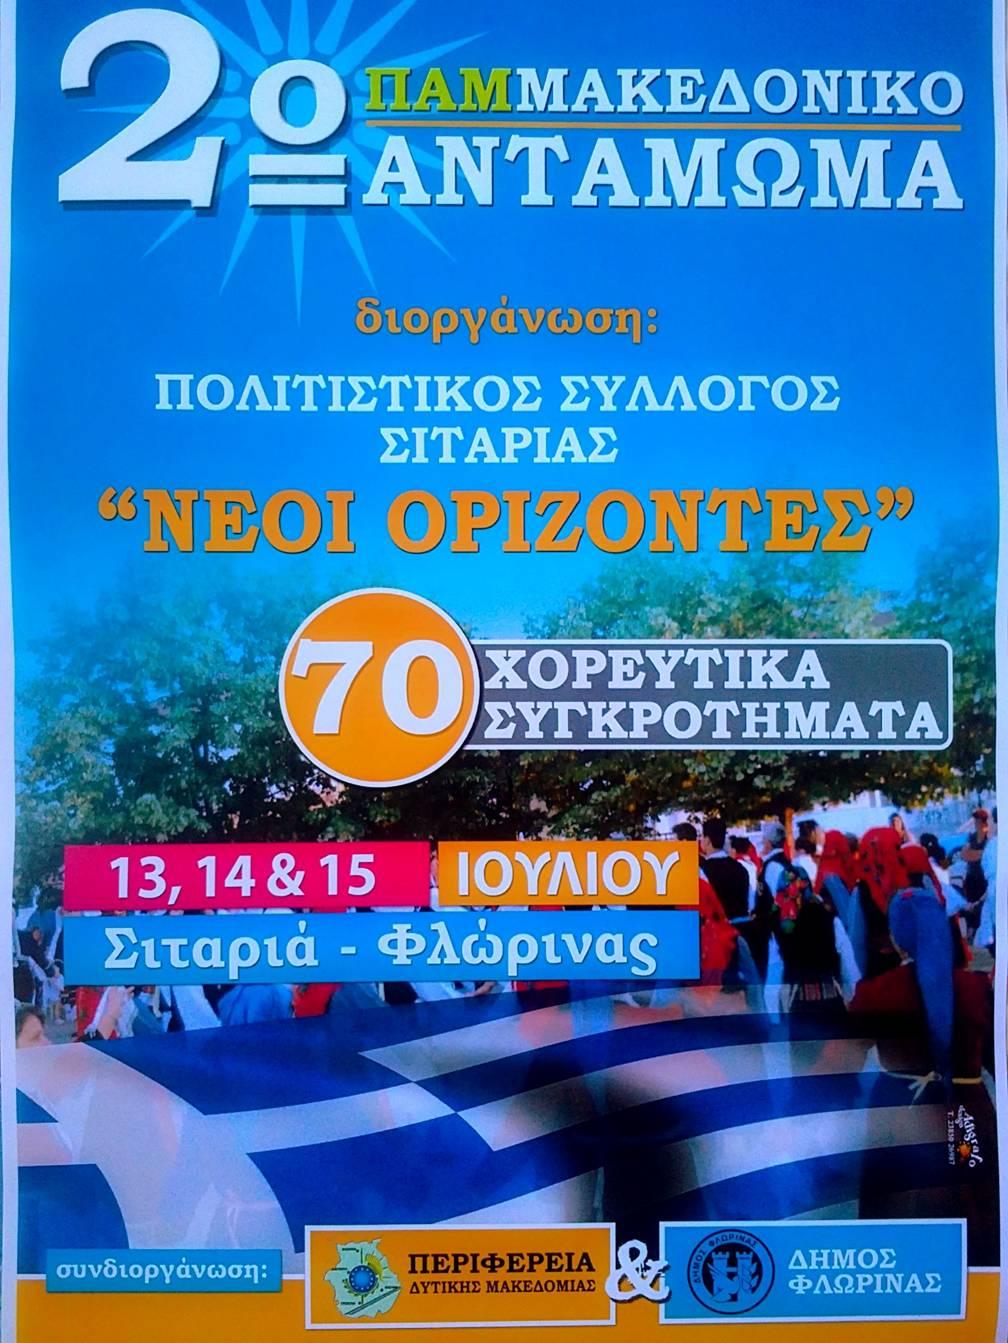 ΔΕΥΤΕΡΟ ΠΑΜΜΑΚΕΔΟΝΙΚΟ ΑΝΤΑΜΩΜΑ